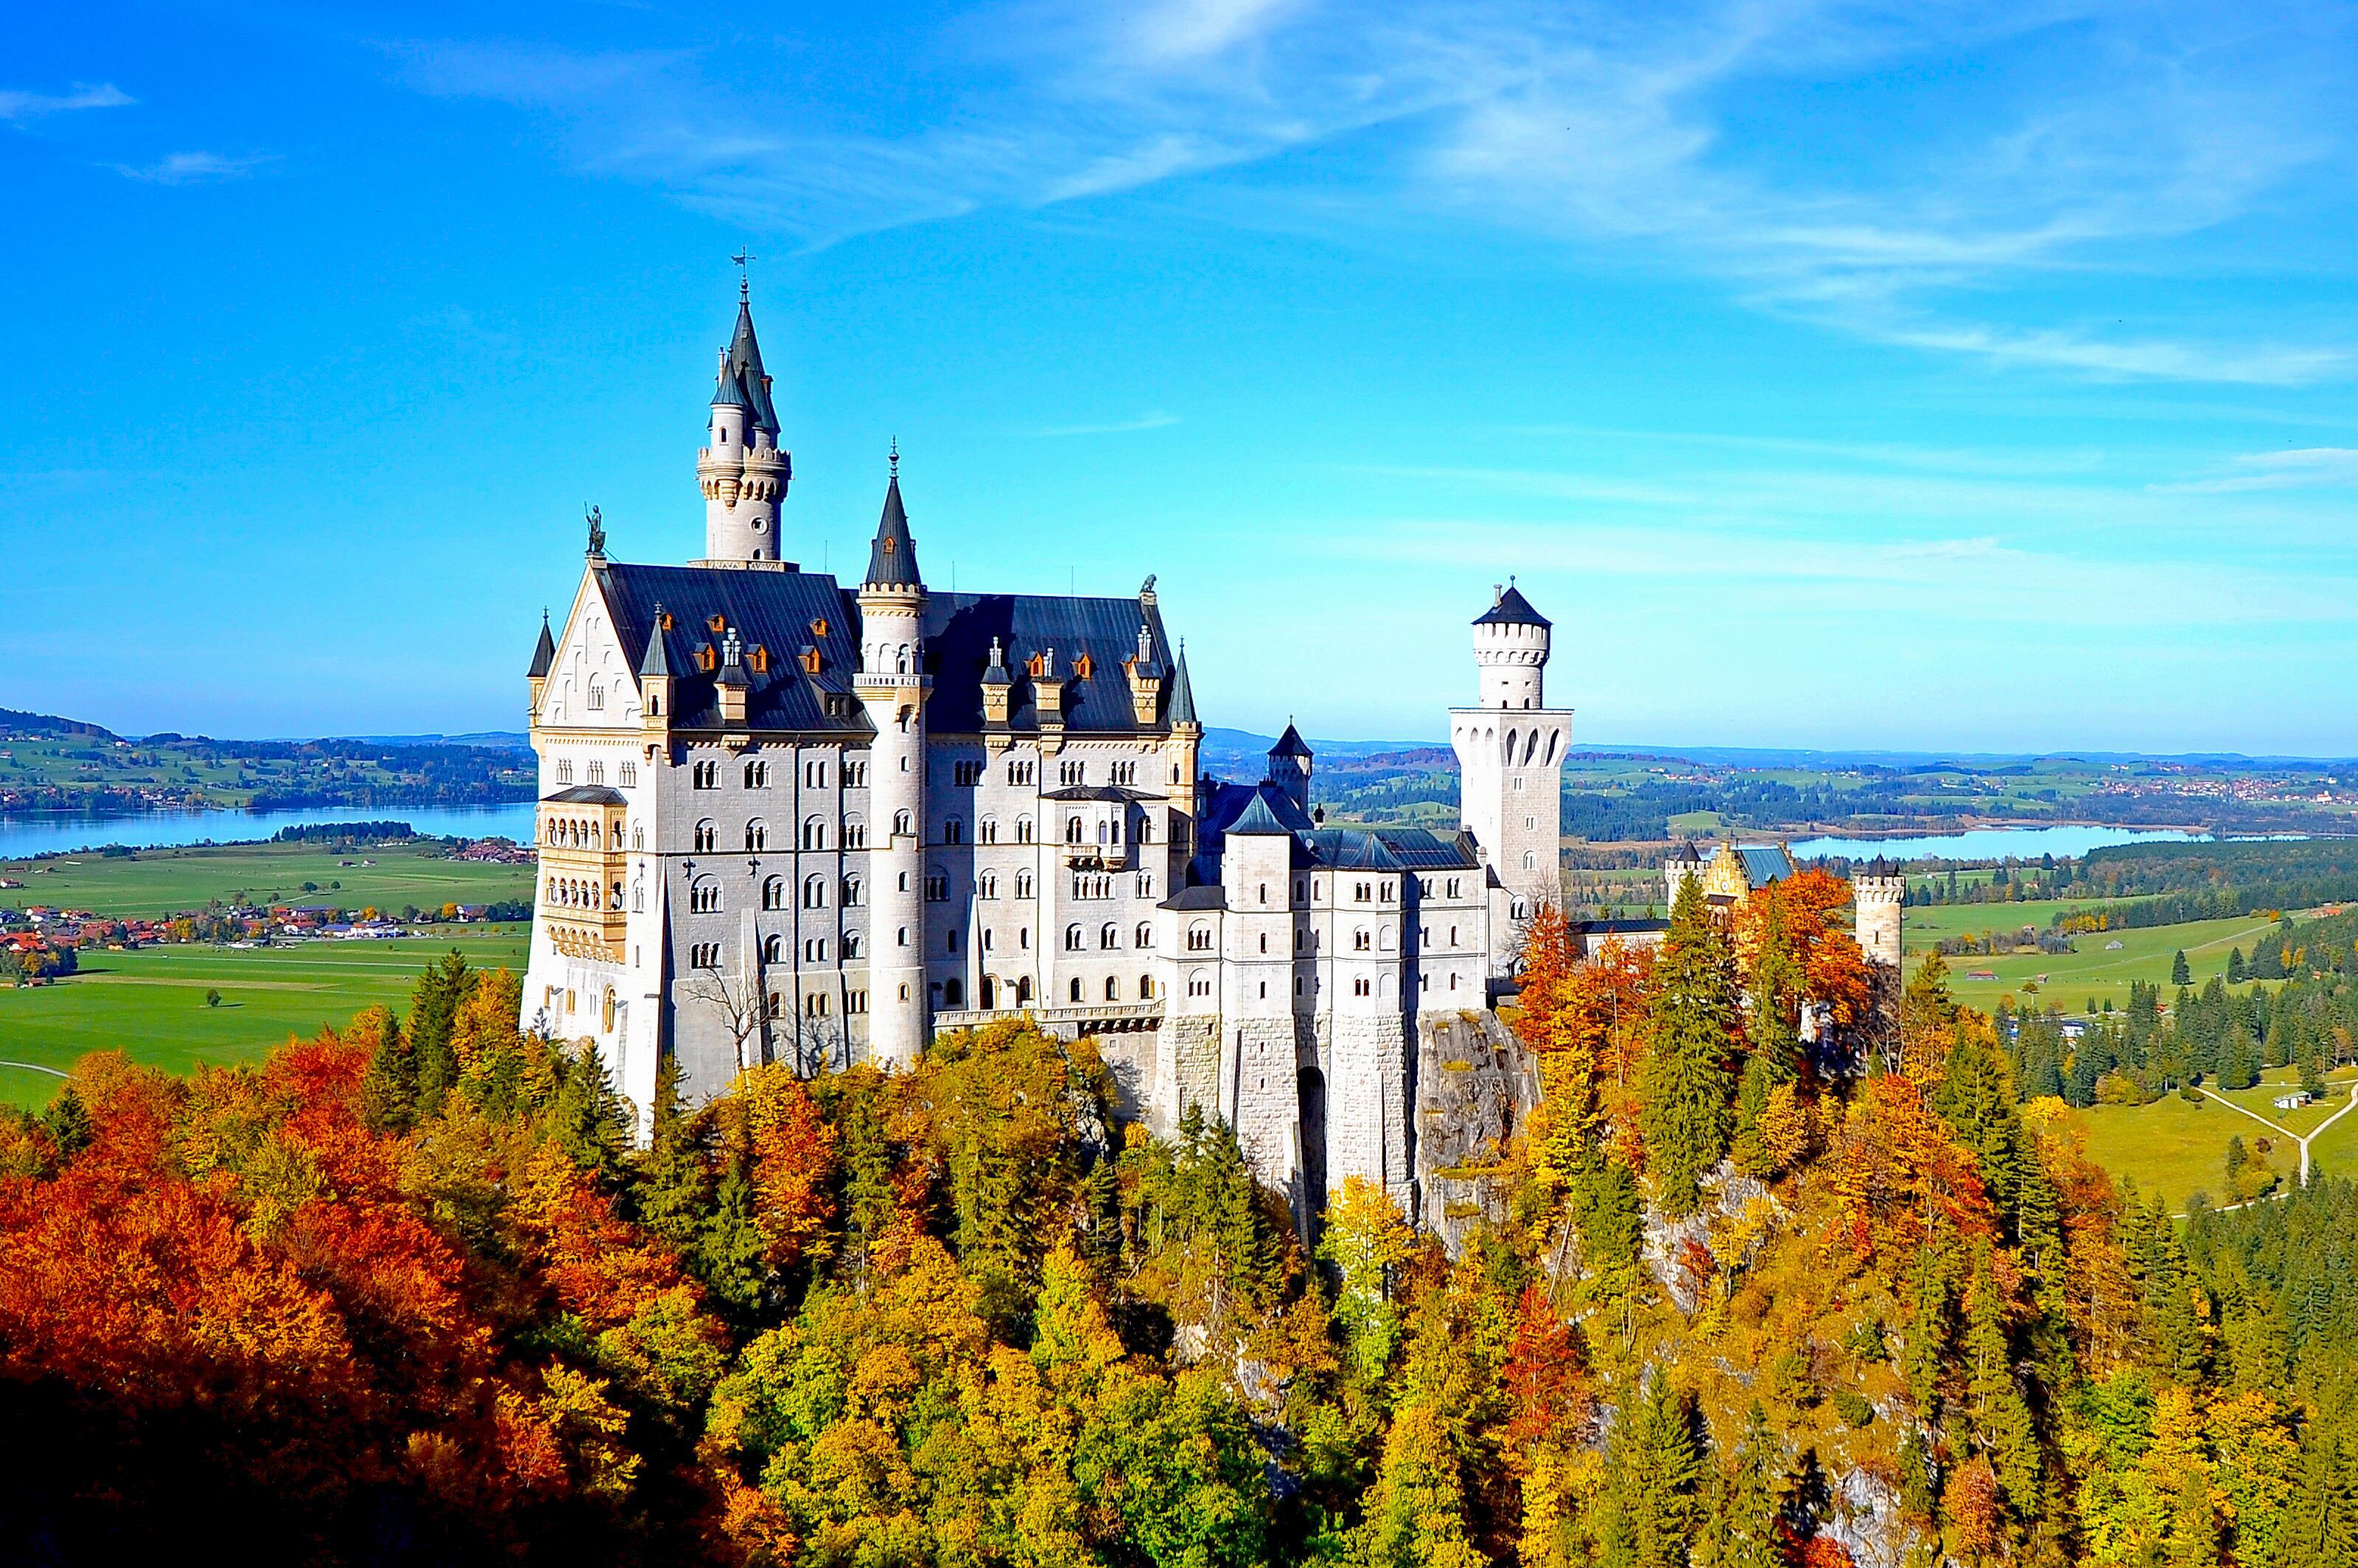 Někteří zámek Neuschwanstein považují za pohádku, jiní za kýč. Každopádně stojí za to spatřit ho na vlastní oči